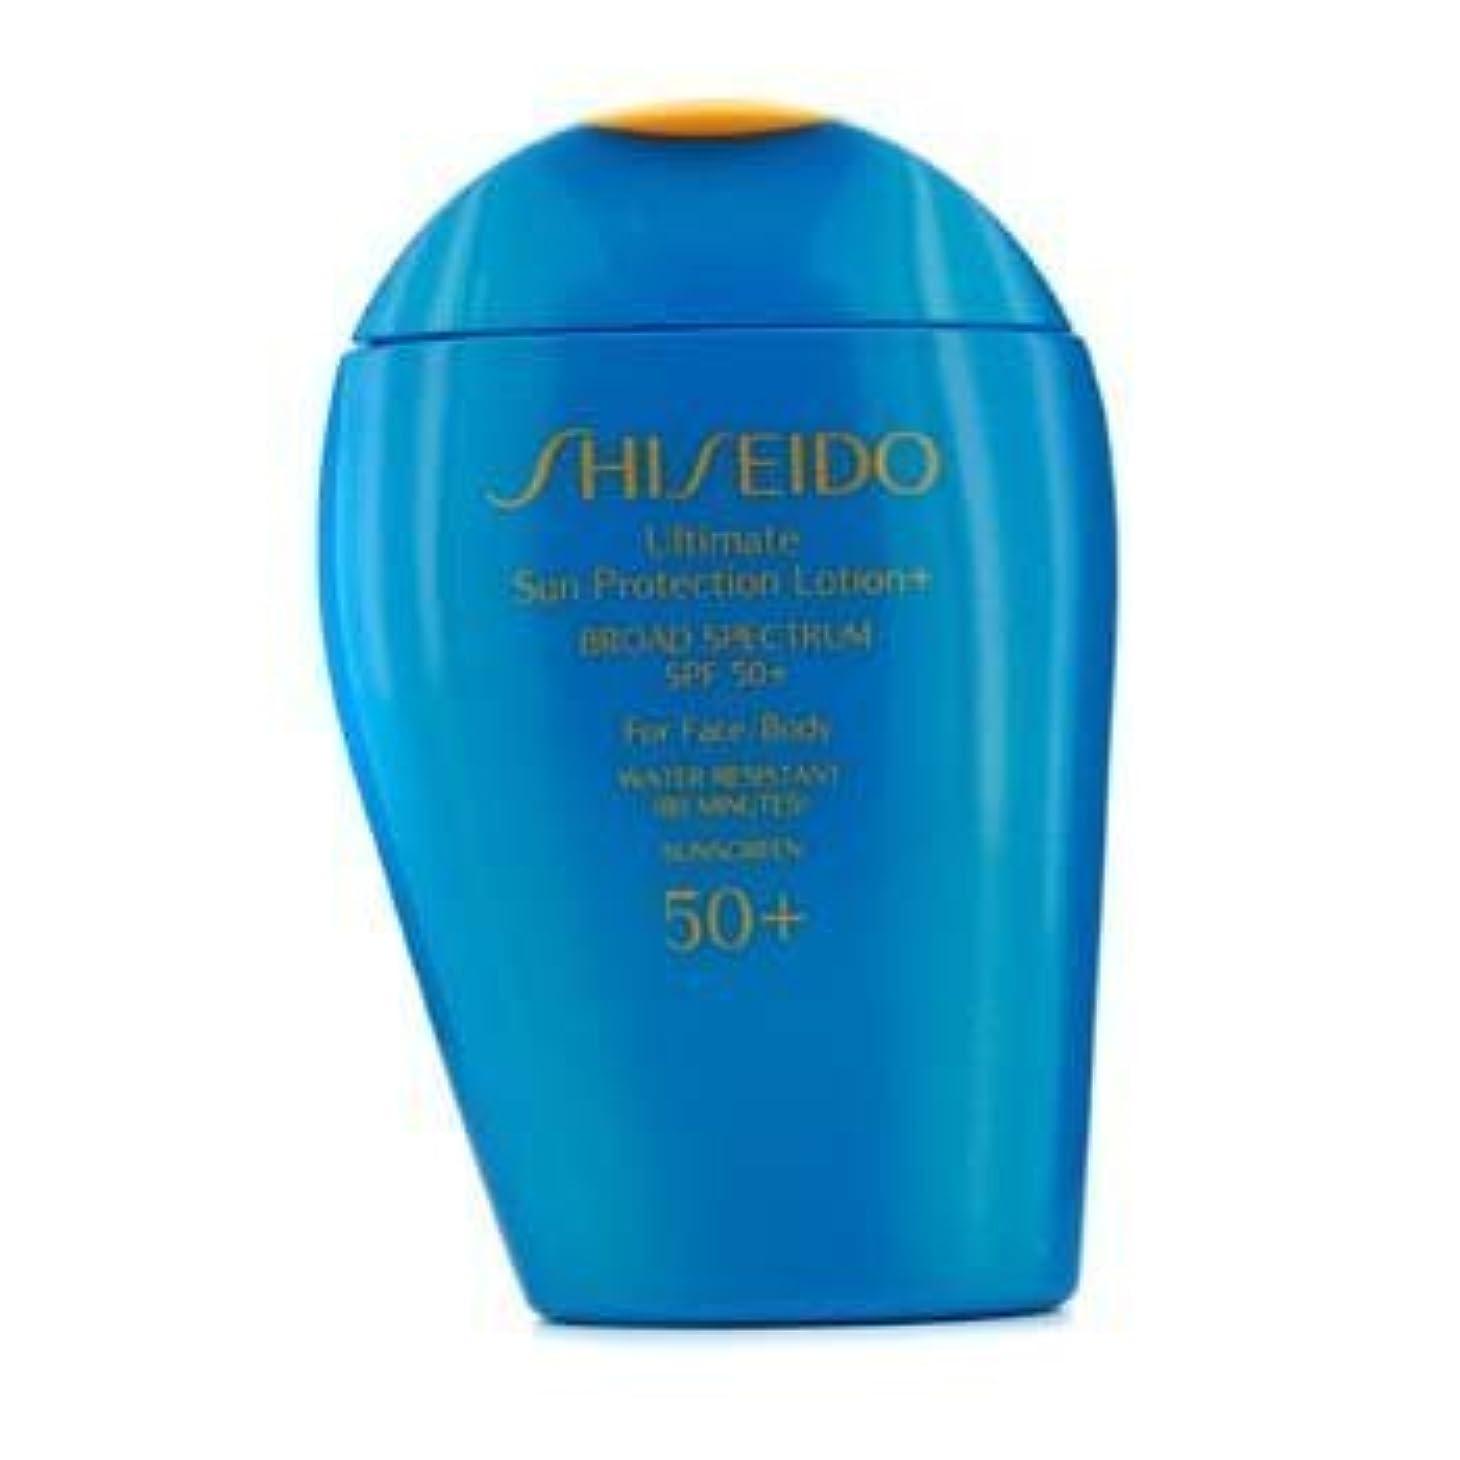 ずっと気分が悪い誇張するShiseido Ultimate Sun Protection Face & Body Lotion SPF 50+ - 100ml/3.3oz by Shiseido [並行輸入品]